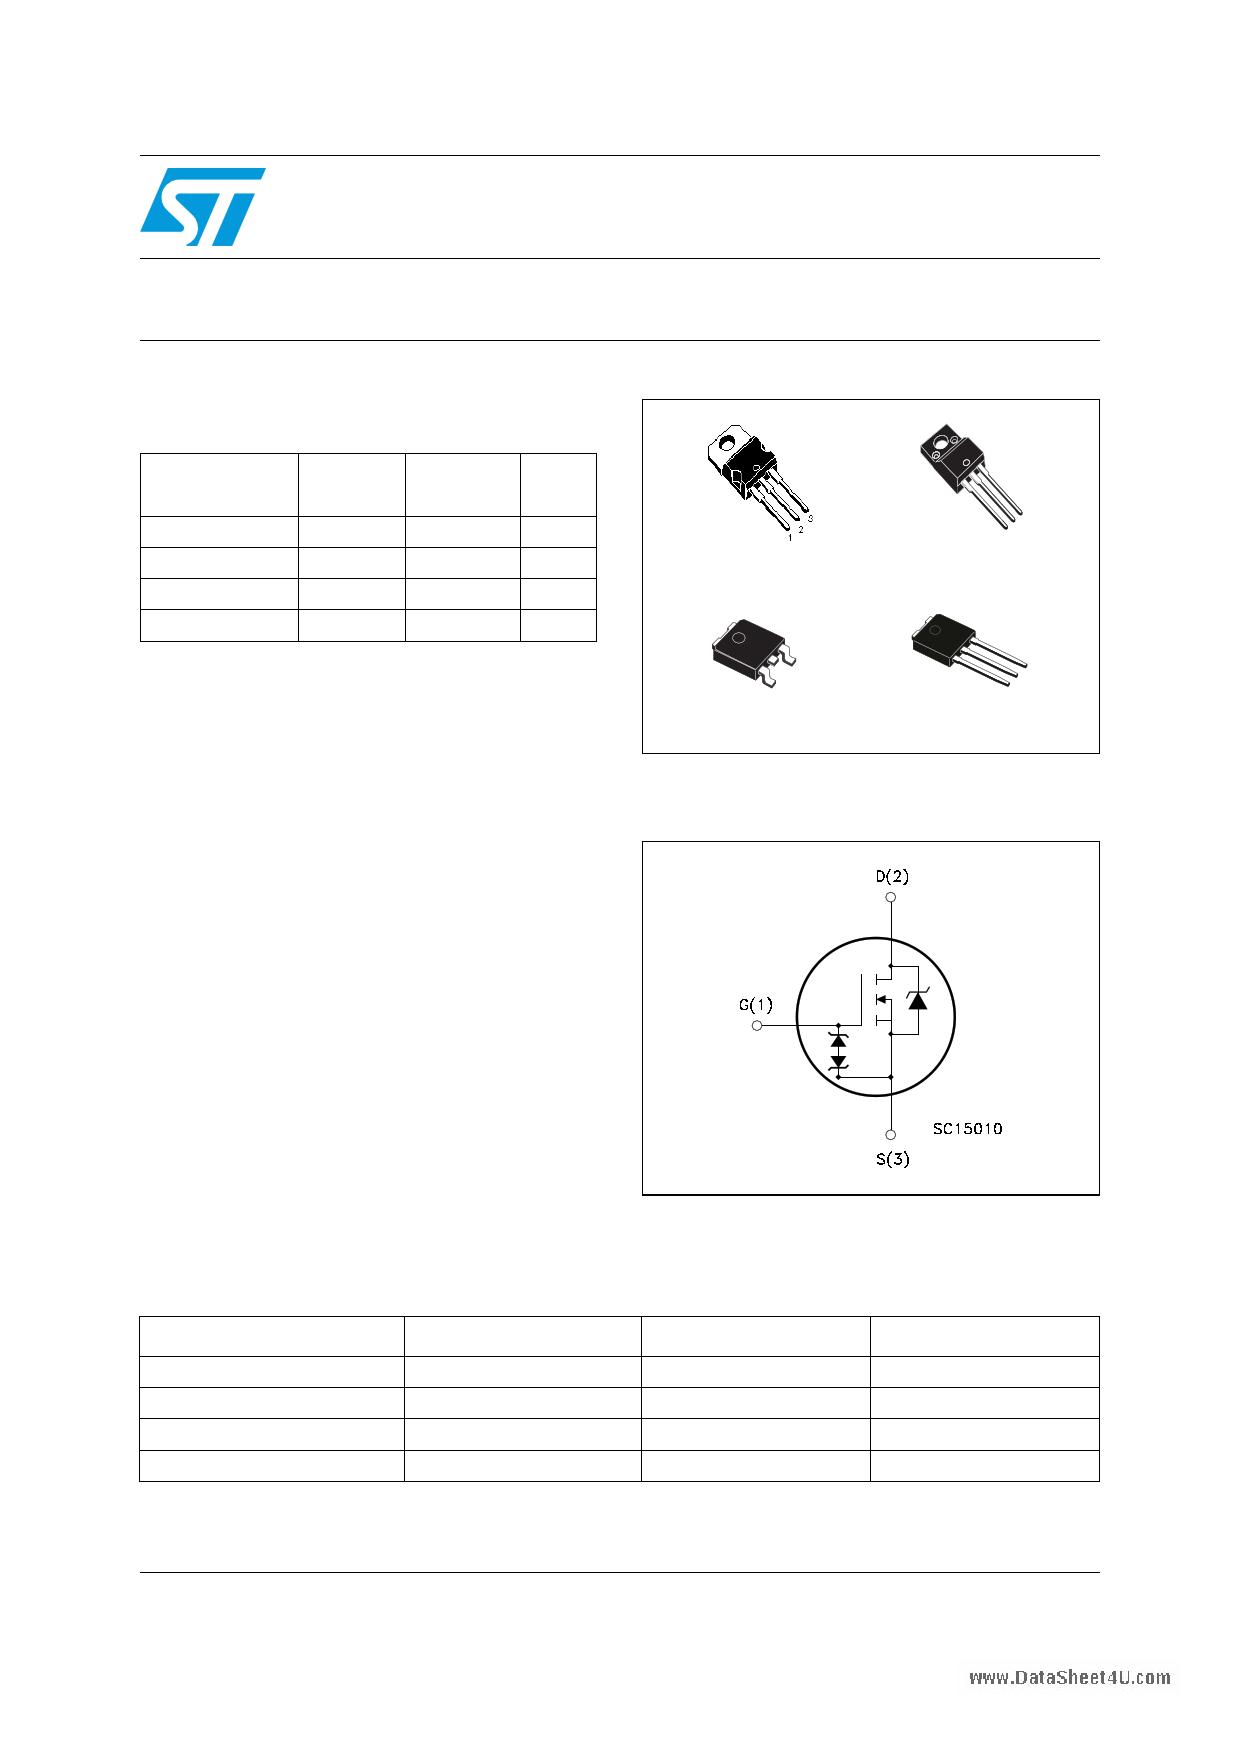 F3NK80Z datasheet image